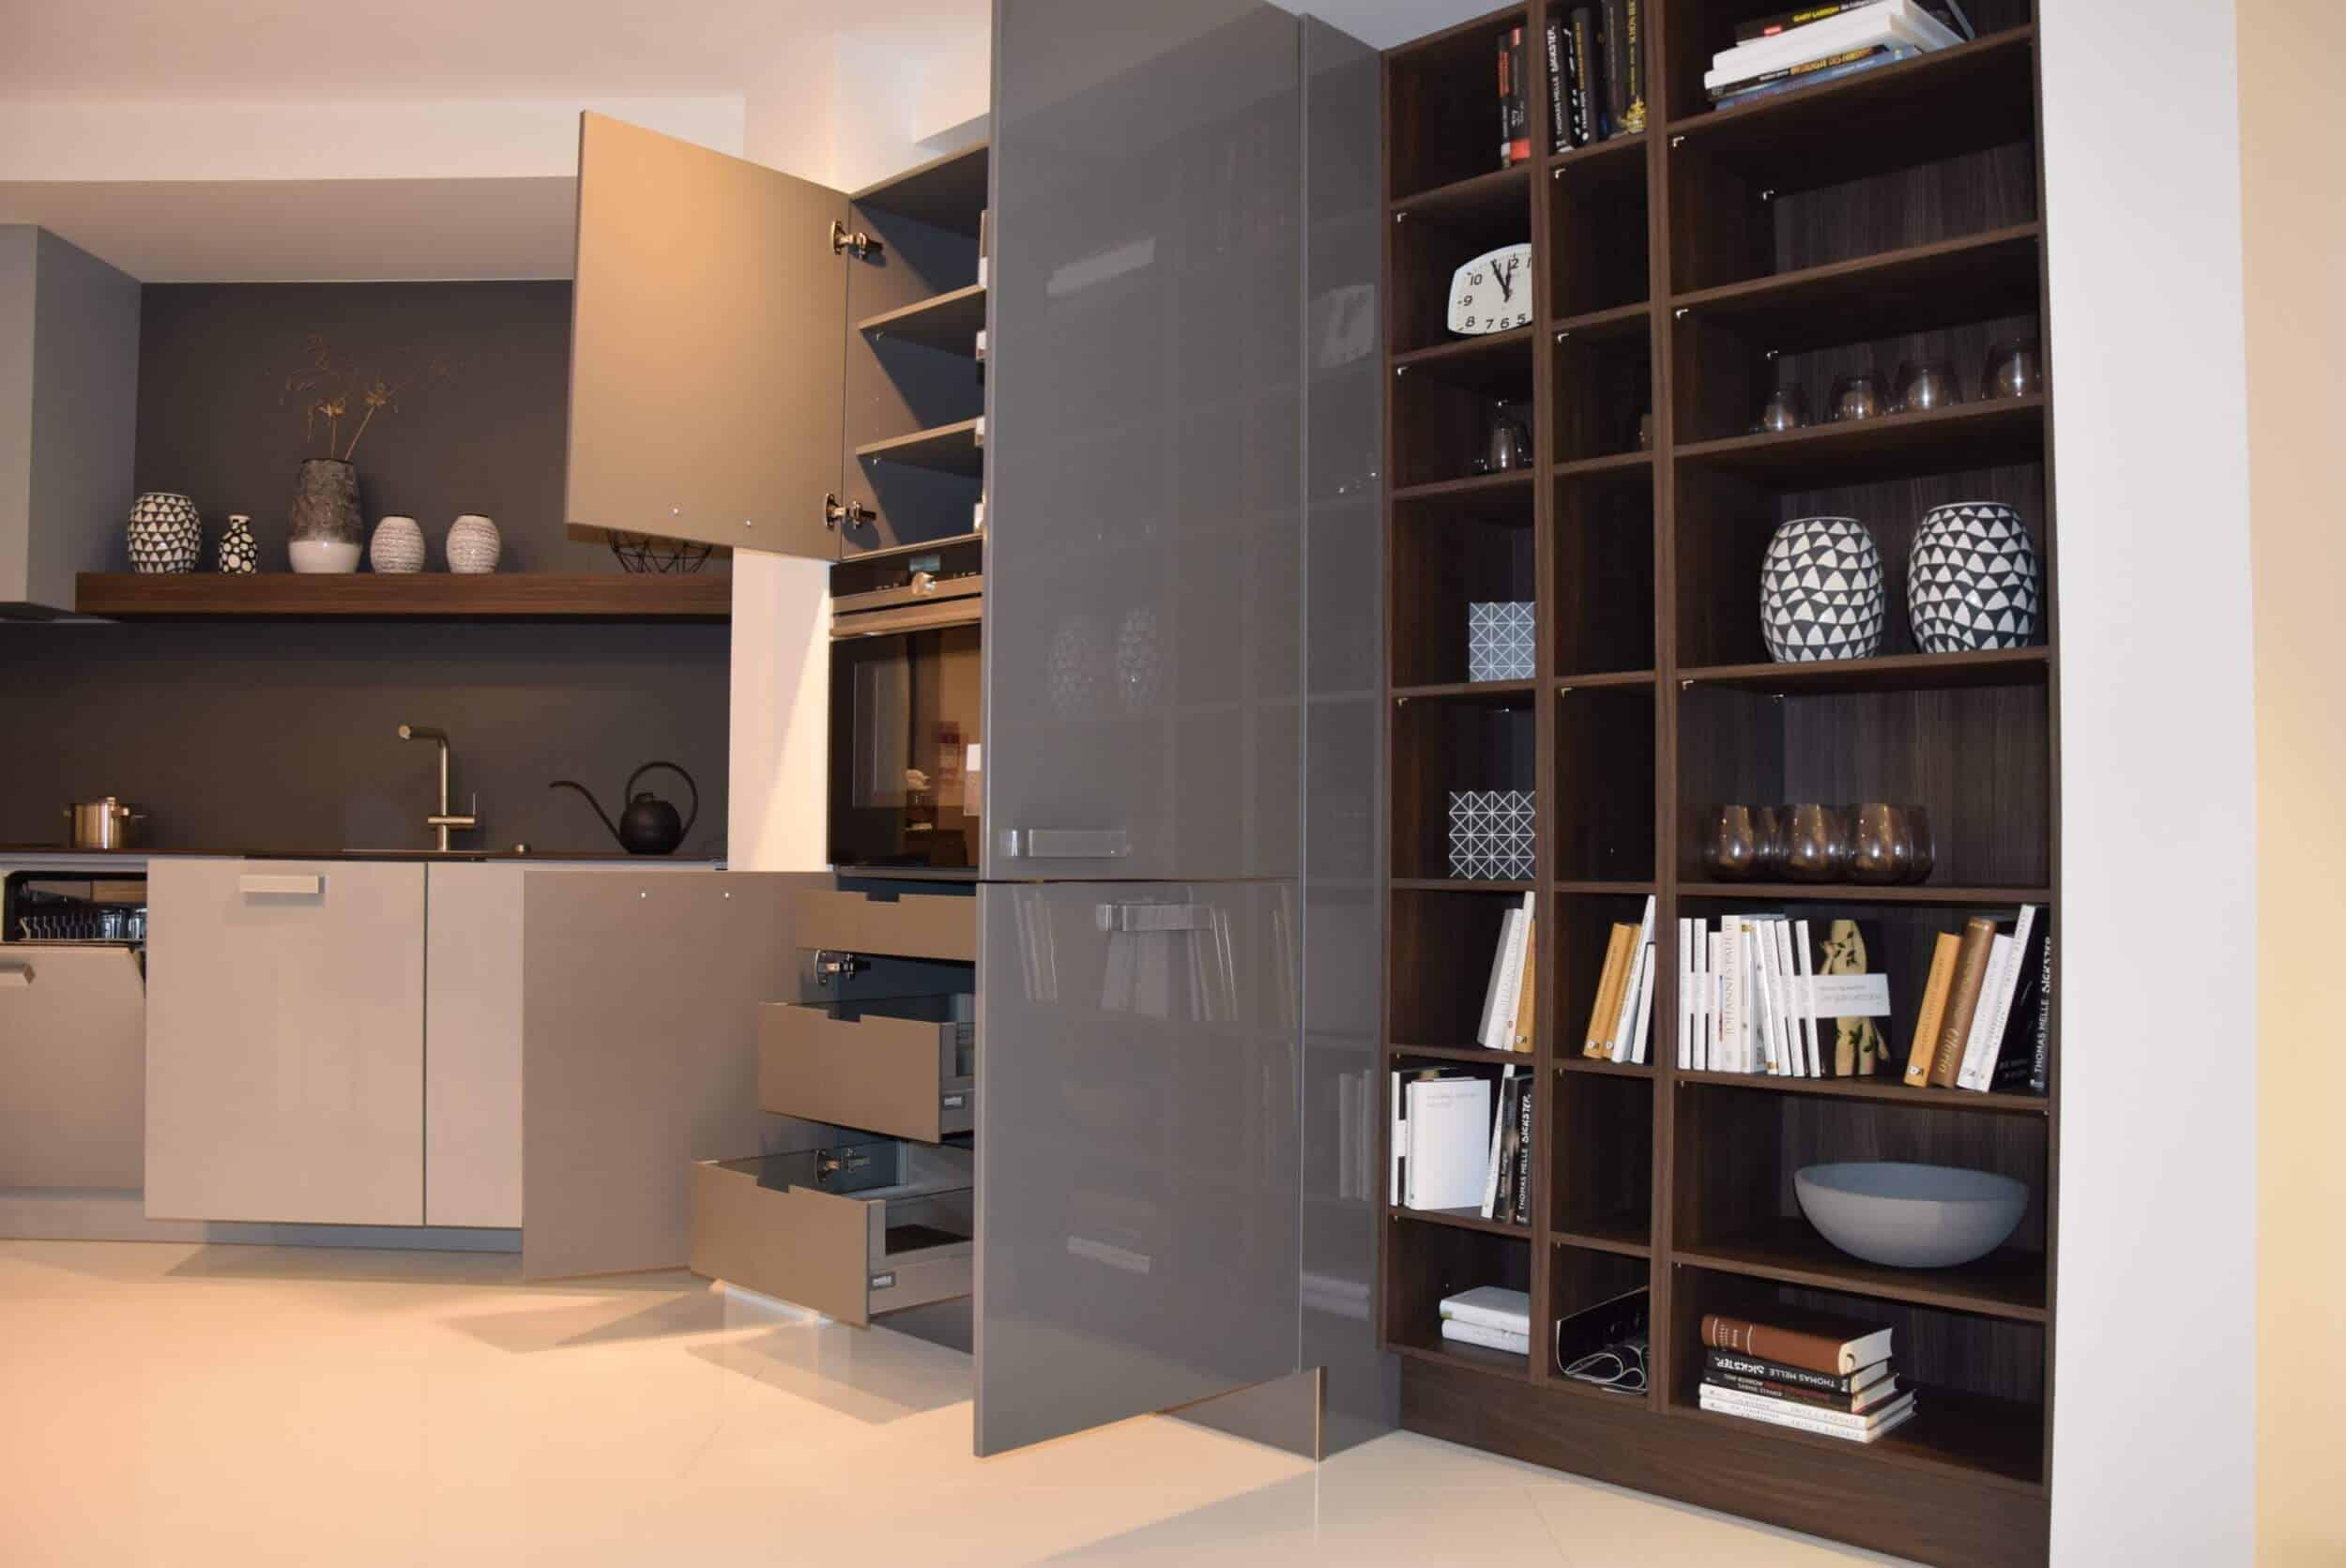 glas k chen kaufen k chenb rse seit 40 jahren f r berlin zuverl ssig. Black Bedroom Furniture Sets. Home Design Ideas